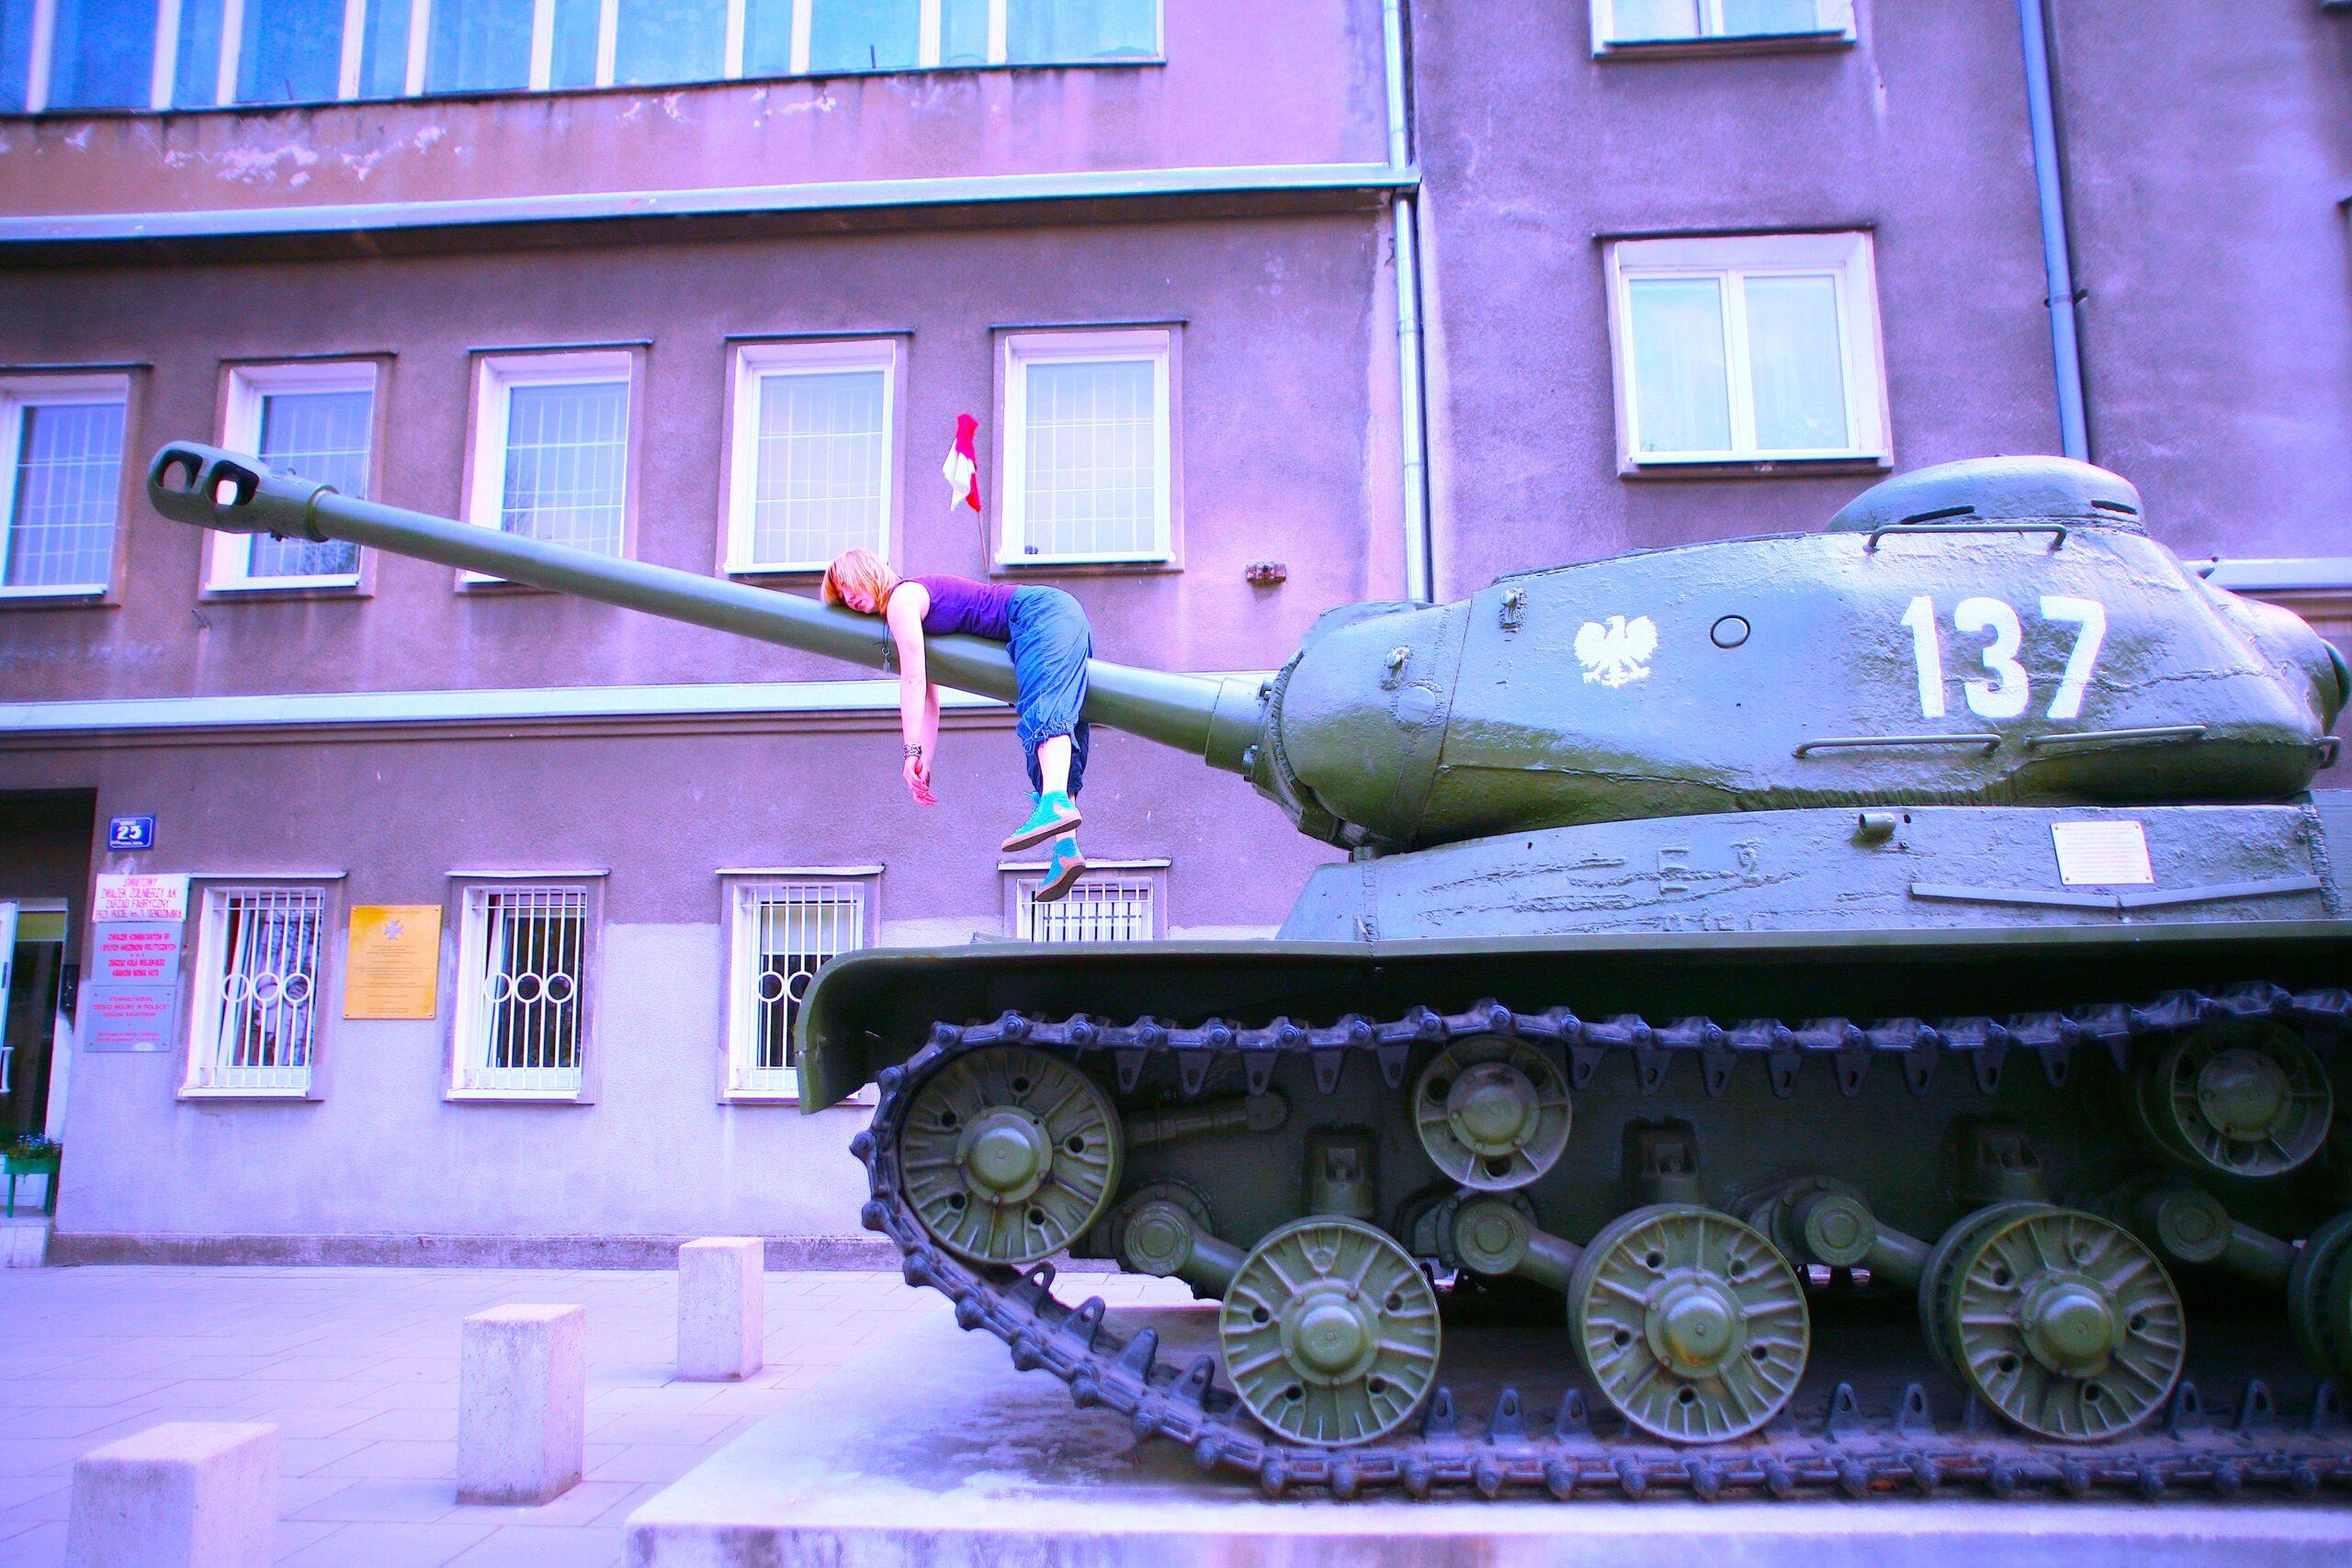 przybyszfront page Fot, Katarzyna Pałetko